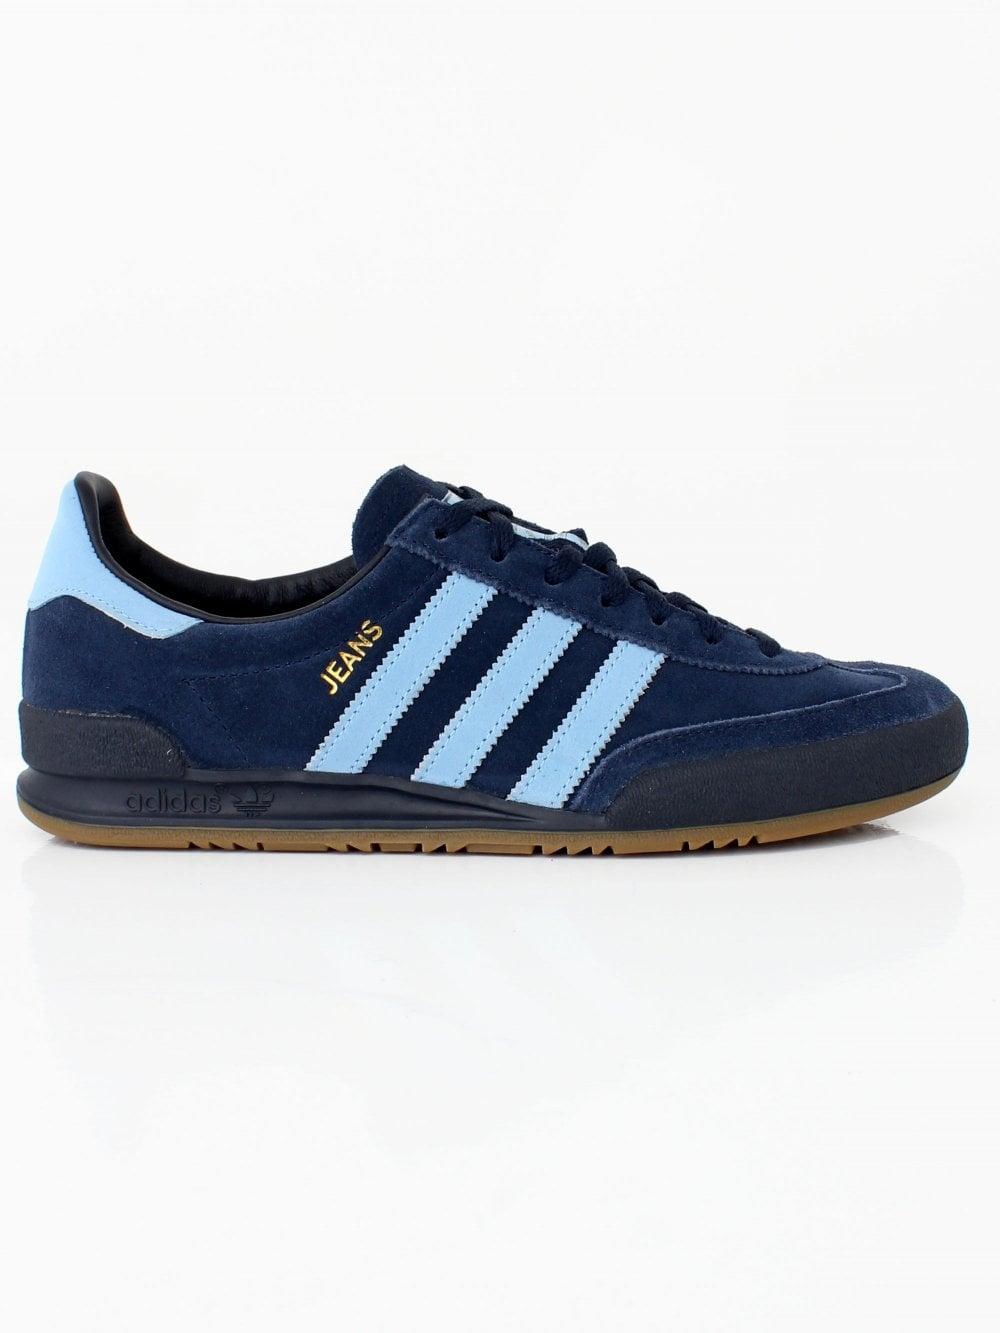 0c14ad56ddd Adidas Jeans in Blue Aqua